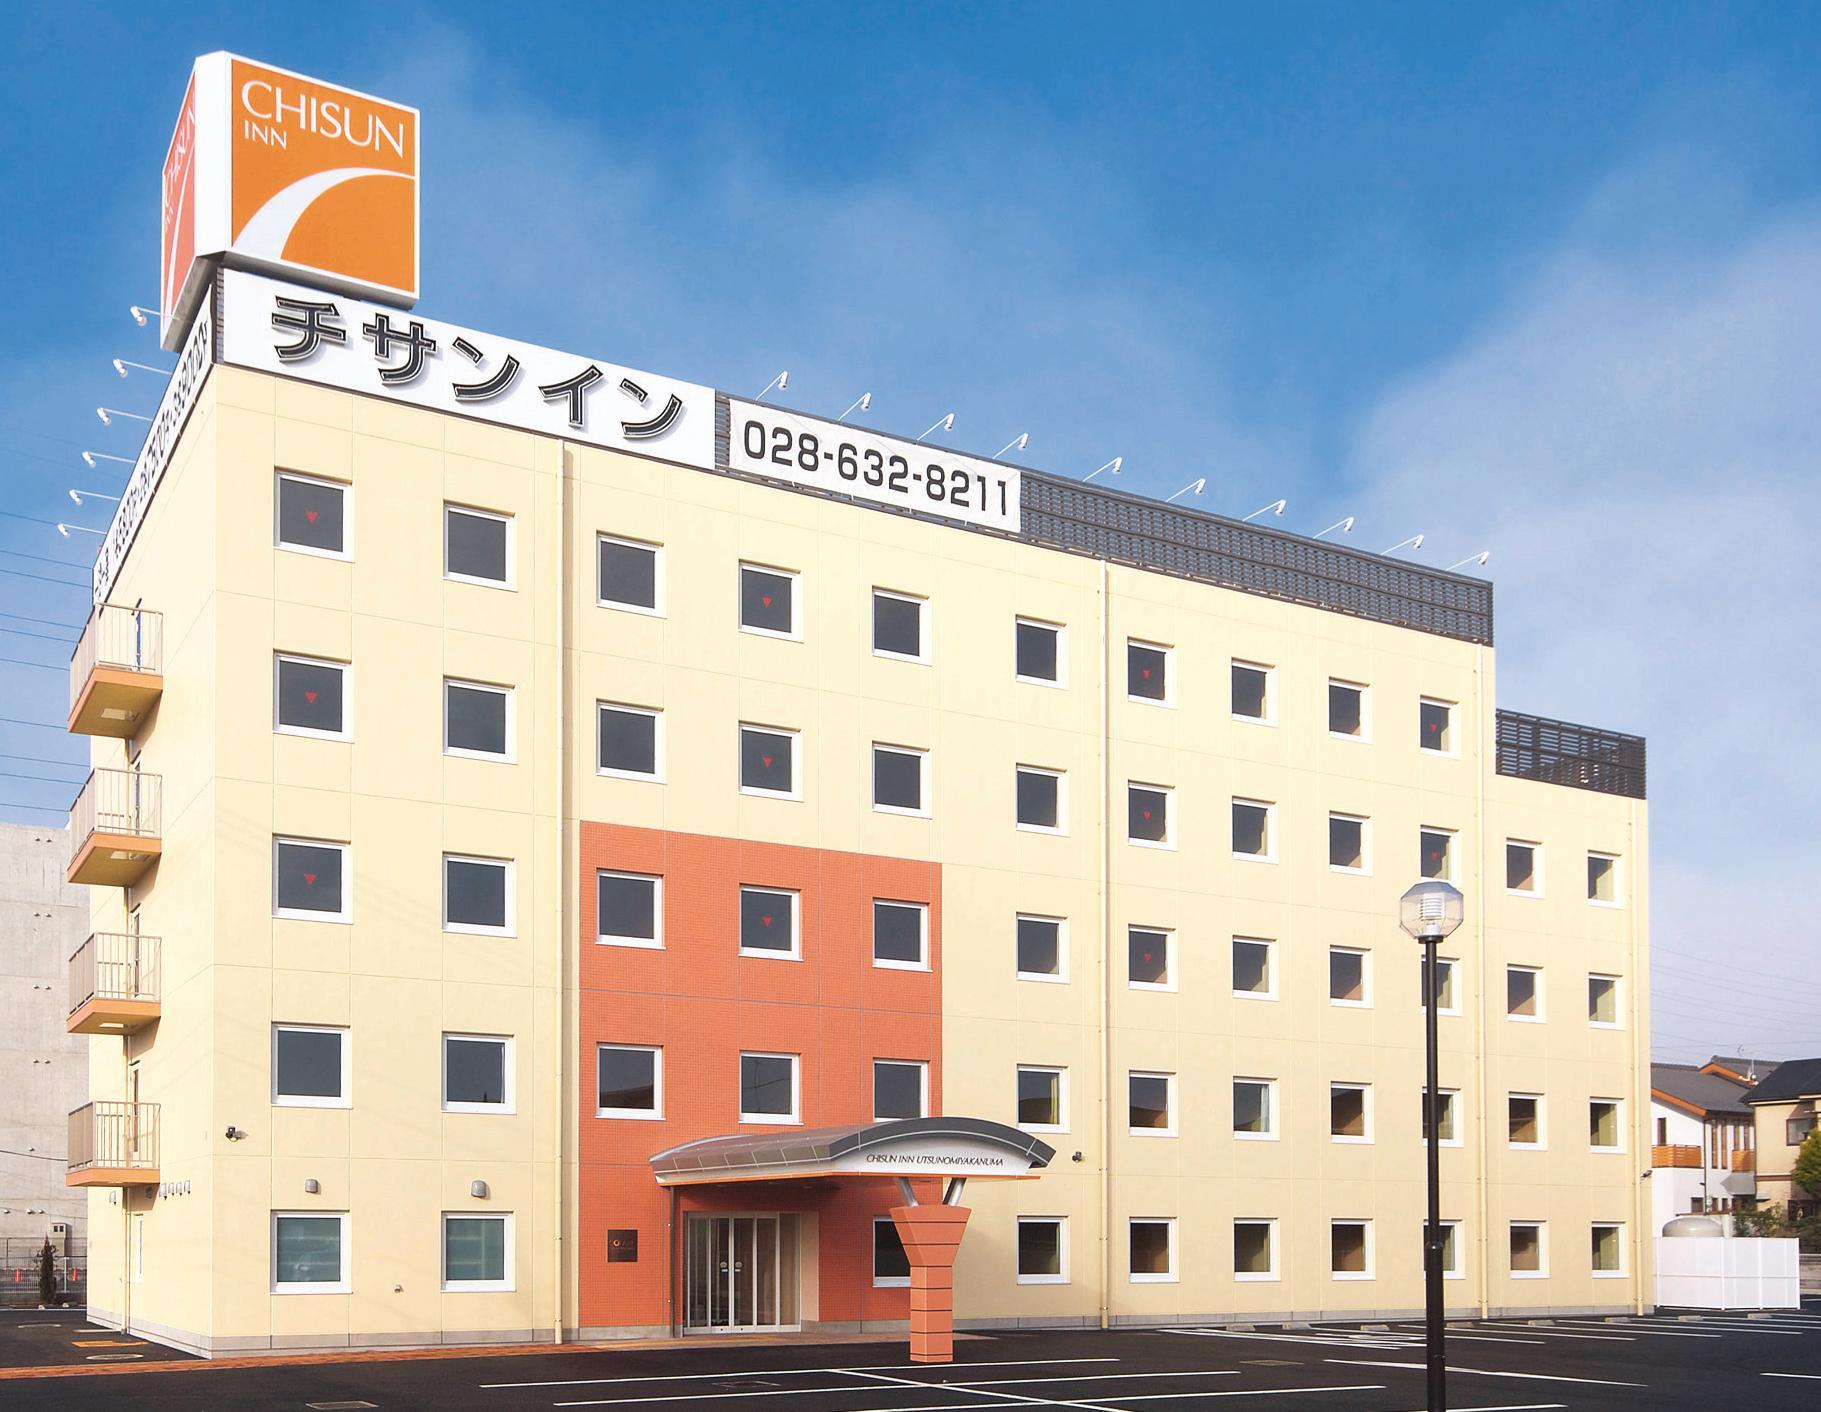 Chisun Inn Utsunomiya Kanuma, Utsunomiya